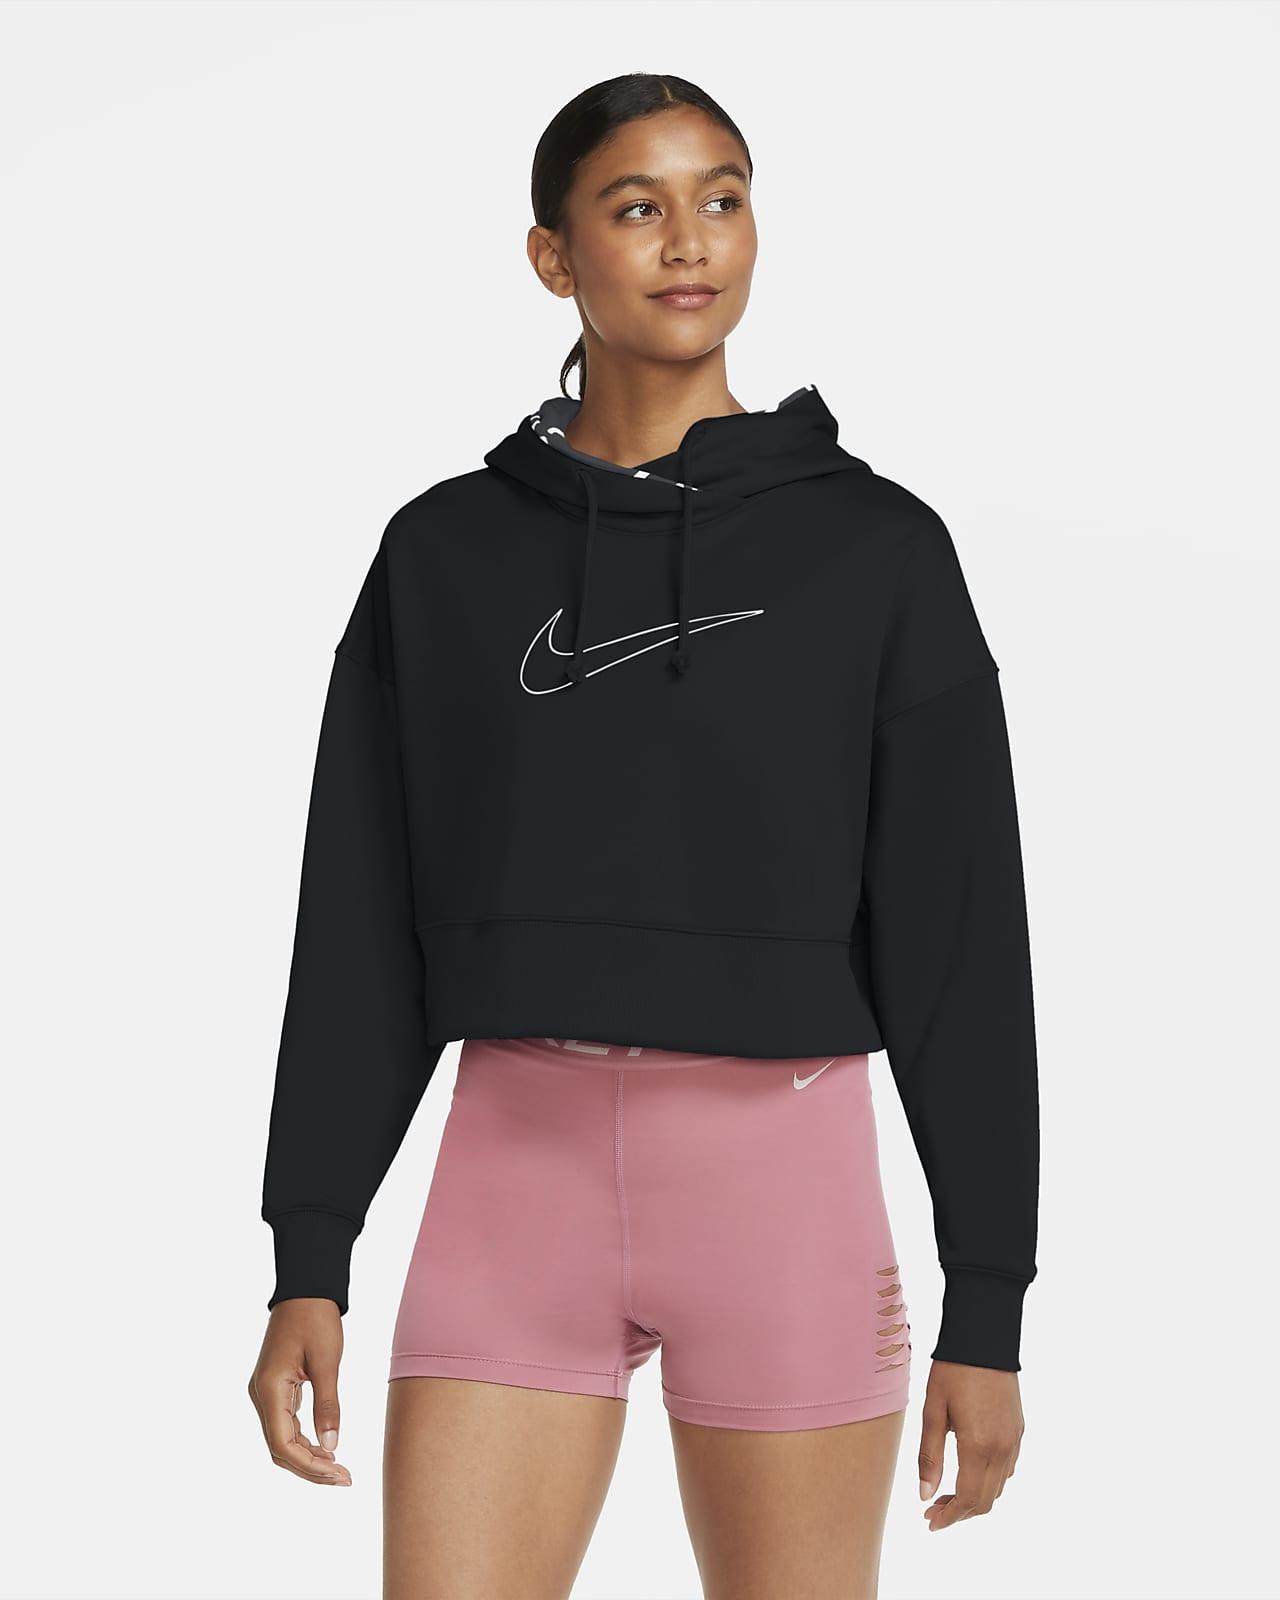 Dámská zkrácená tréninková mikina Nike Therma s kapucí